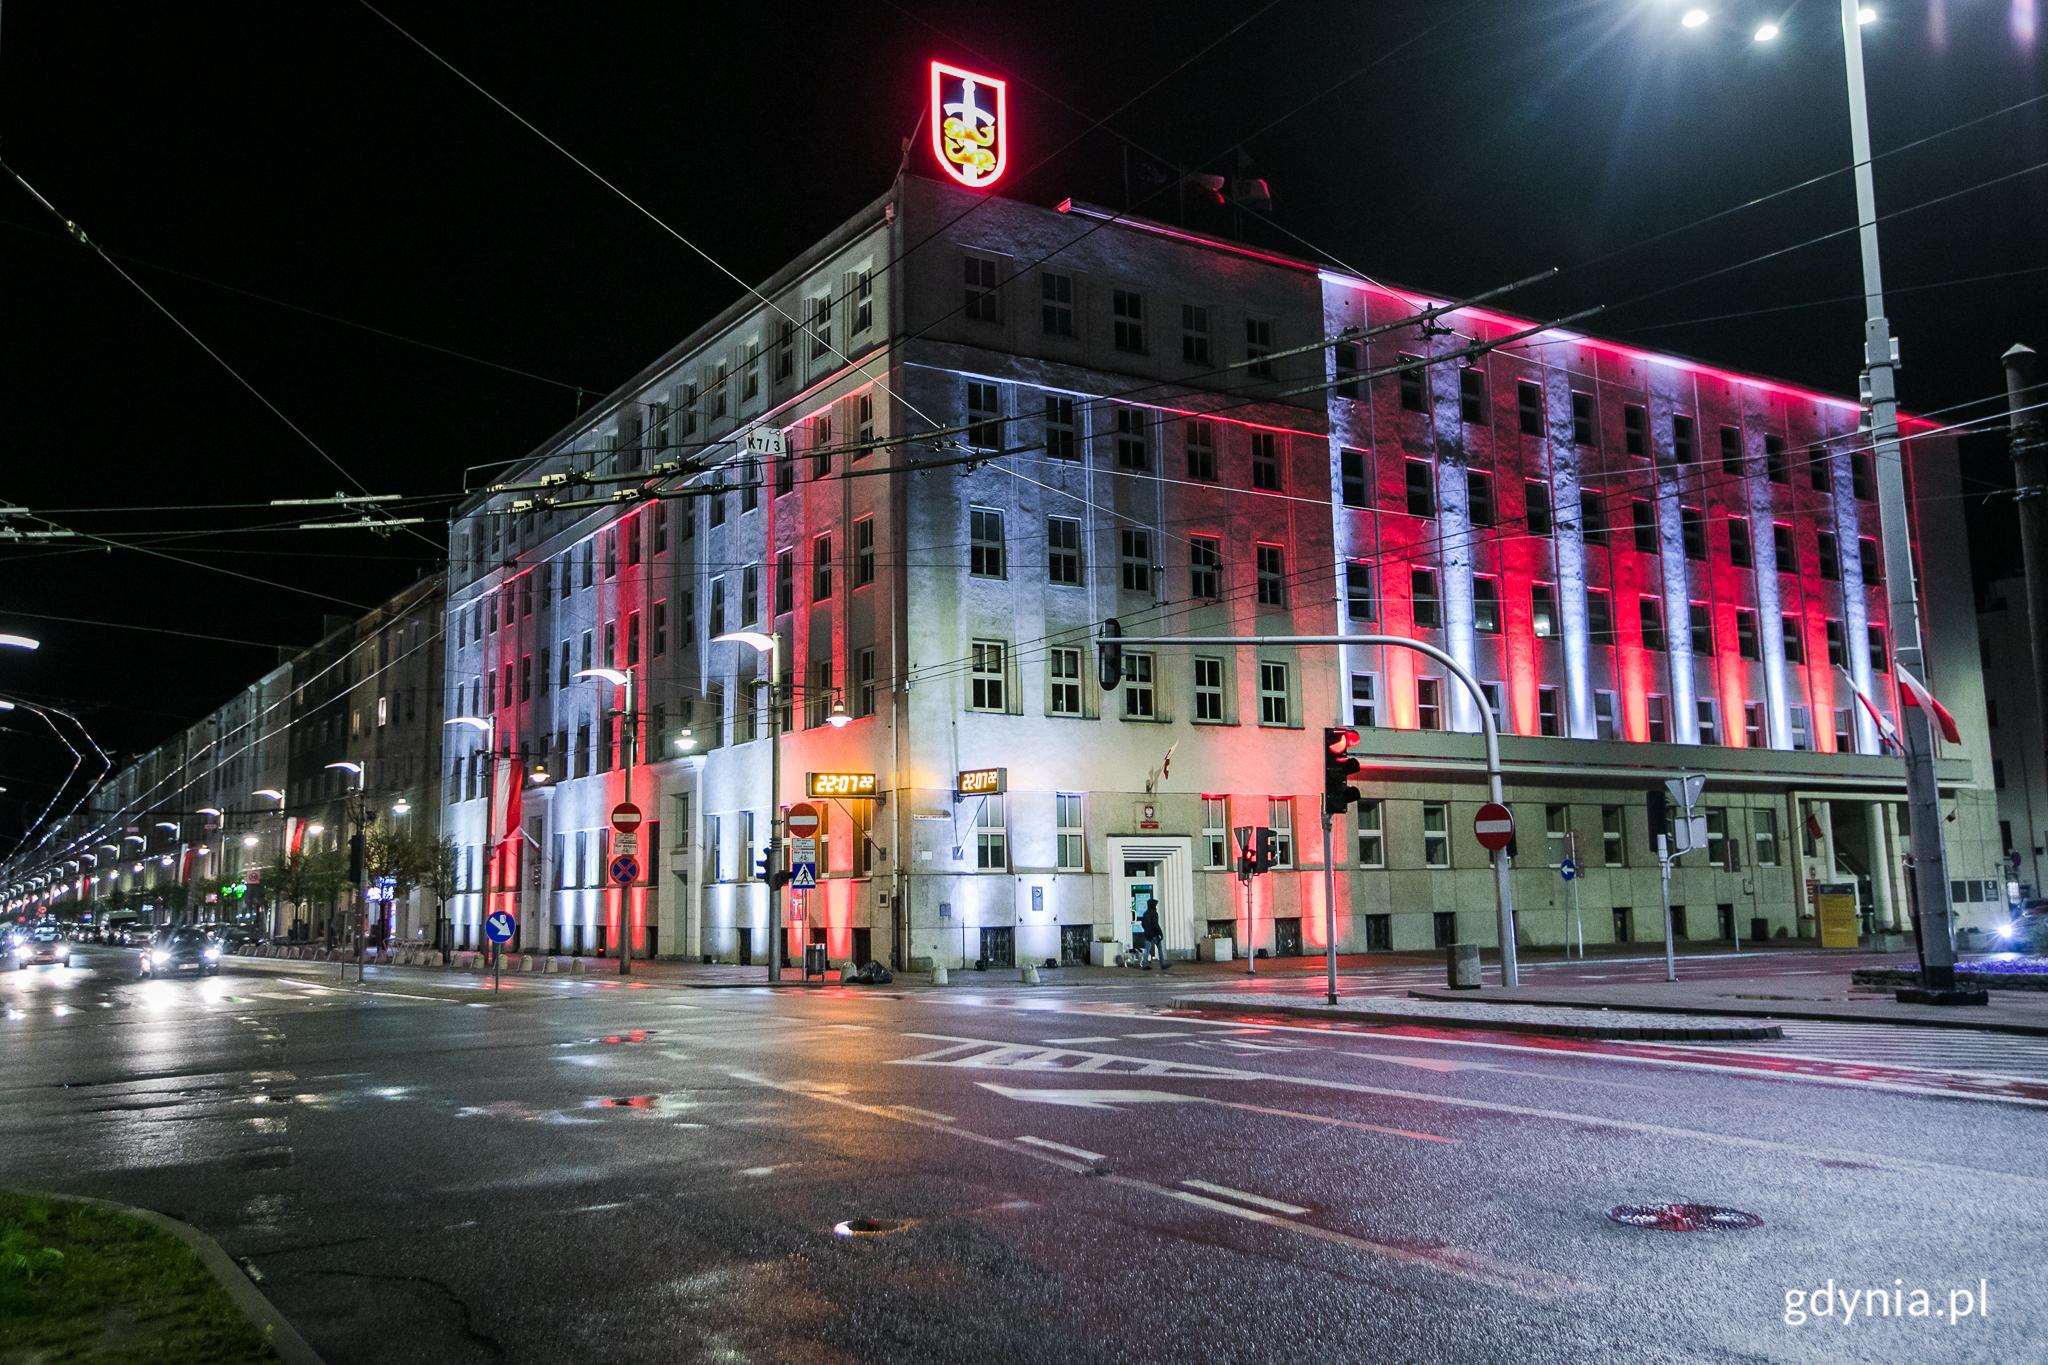 Urząd Miasta Gdyni podświetlony 2 maja 2021